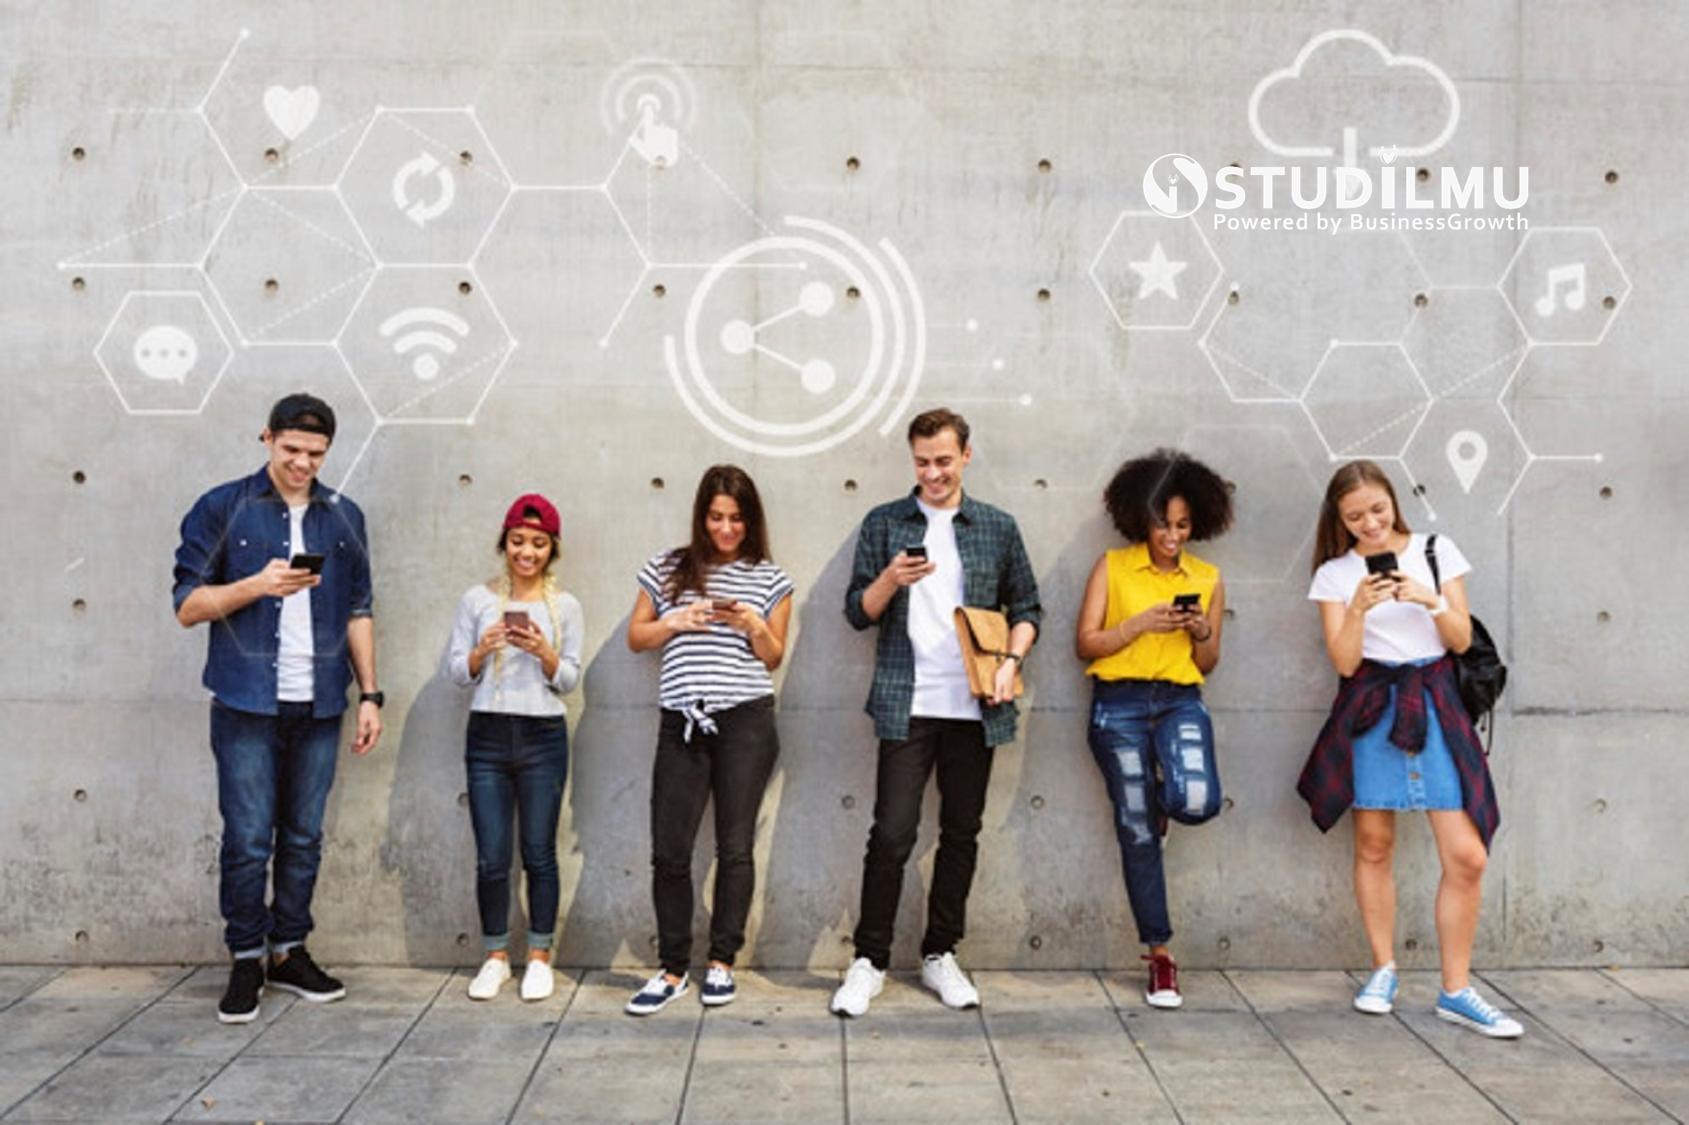 STUDILMU Career Advice - 8 Langkah Menghindari Media Sosial dan Menikmati Proses Kehidupan